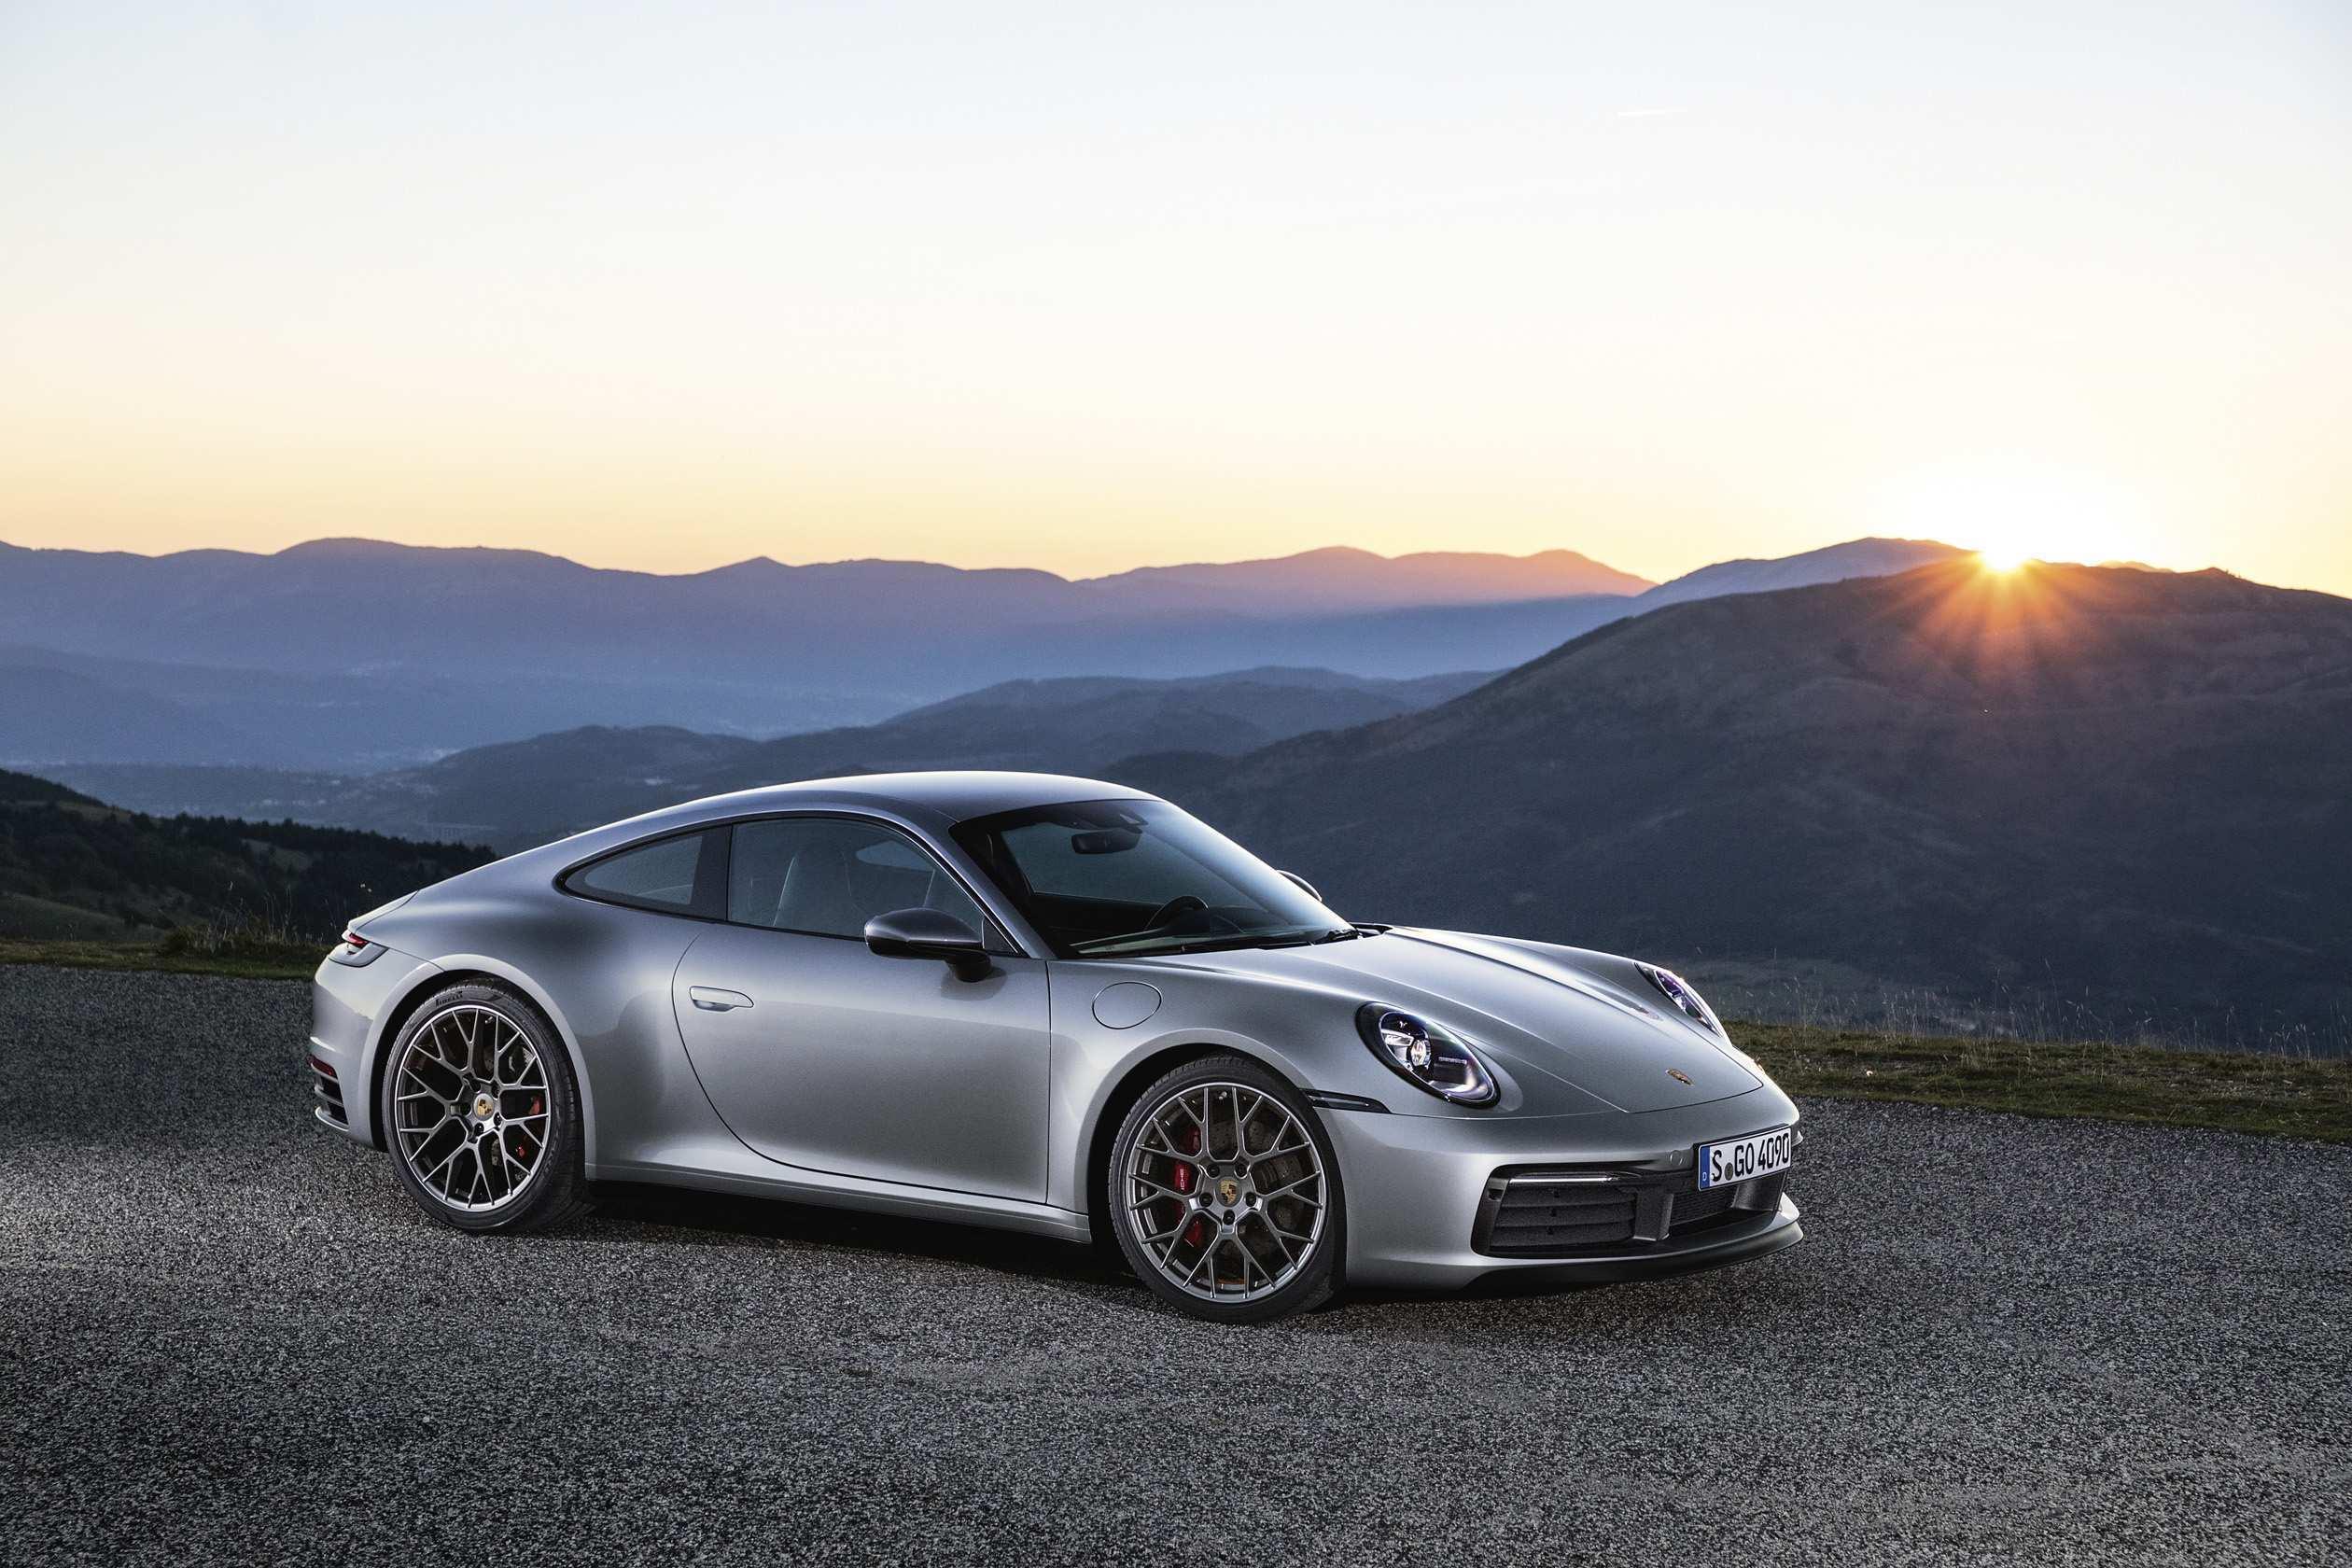 72 Concept of 2020 Porsche Pictures by 2020 Porsche